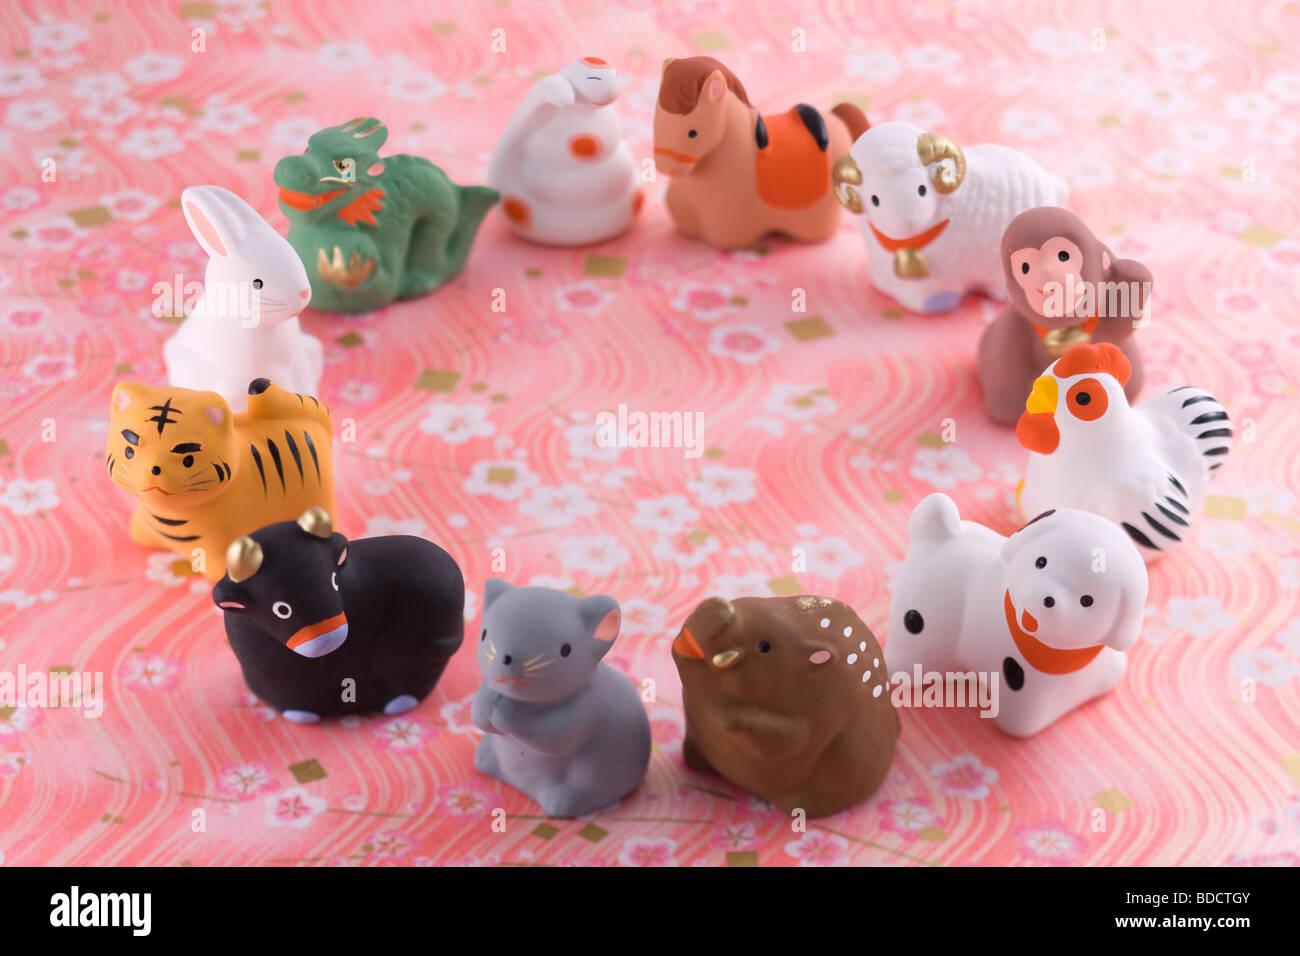 japanische tierkreiszeichen ornament stockfoto bild 25483611 alamy. Black Bedroom Furniture Sets. Home Design Ideas